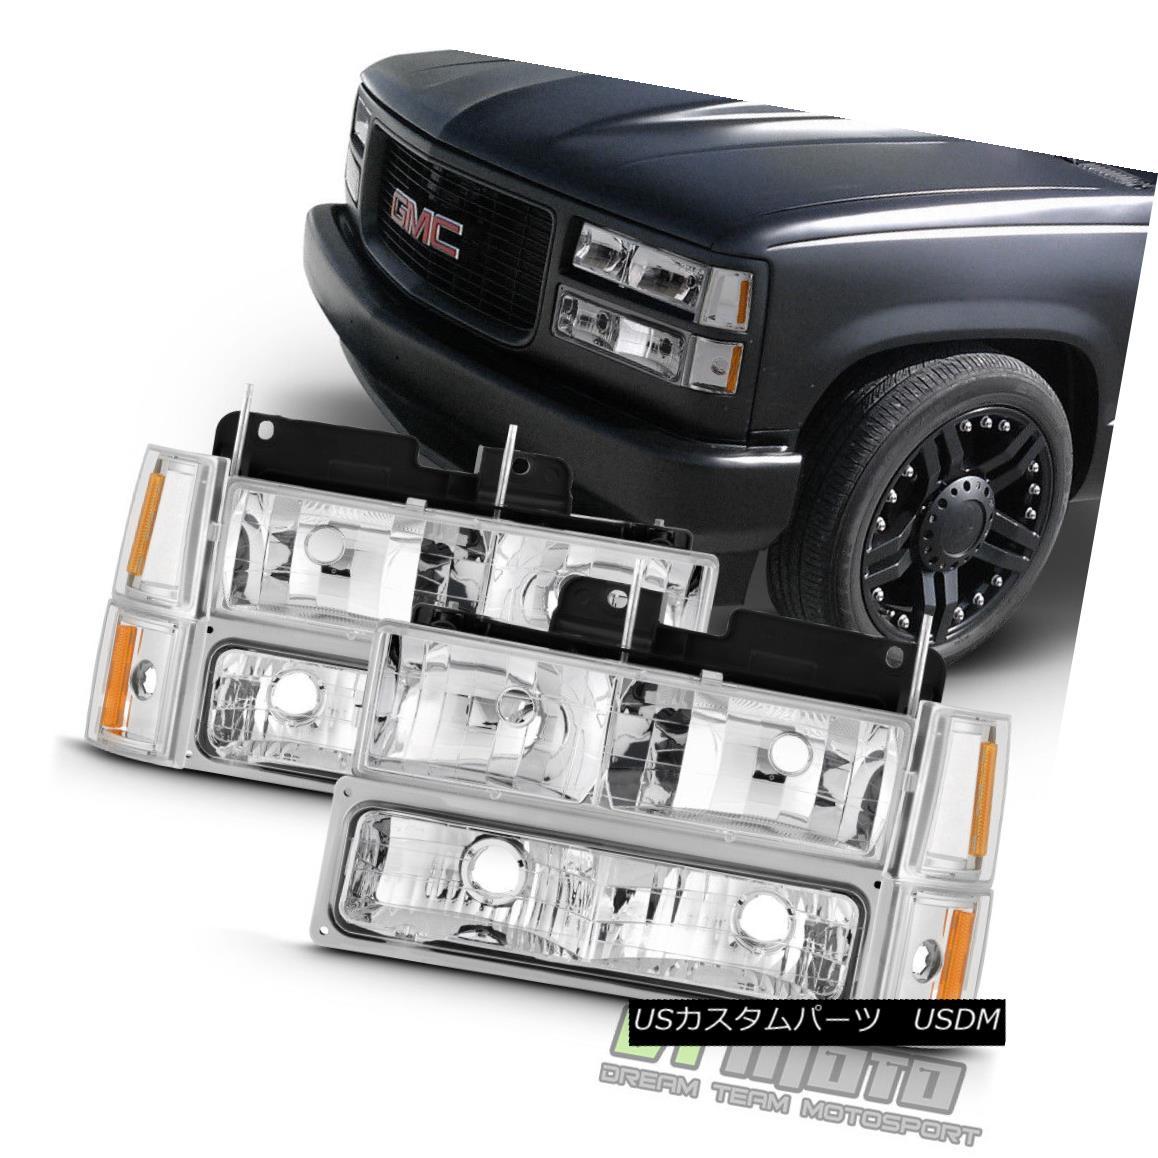 ヘッドライト 1994-1998 GMC C/K Sierra Yukon Suburban Headlights+Bumper Lights+Corner Lamps 1994-1998 GMC C / K Sierra Yukon郊外のヘッドライト+ブライト 、ライト+コーナーランプ